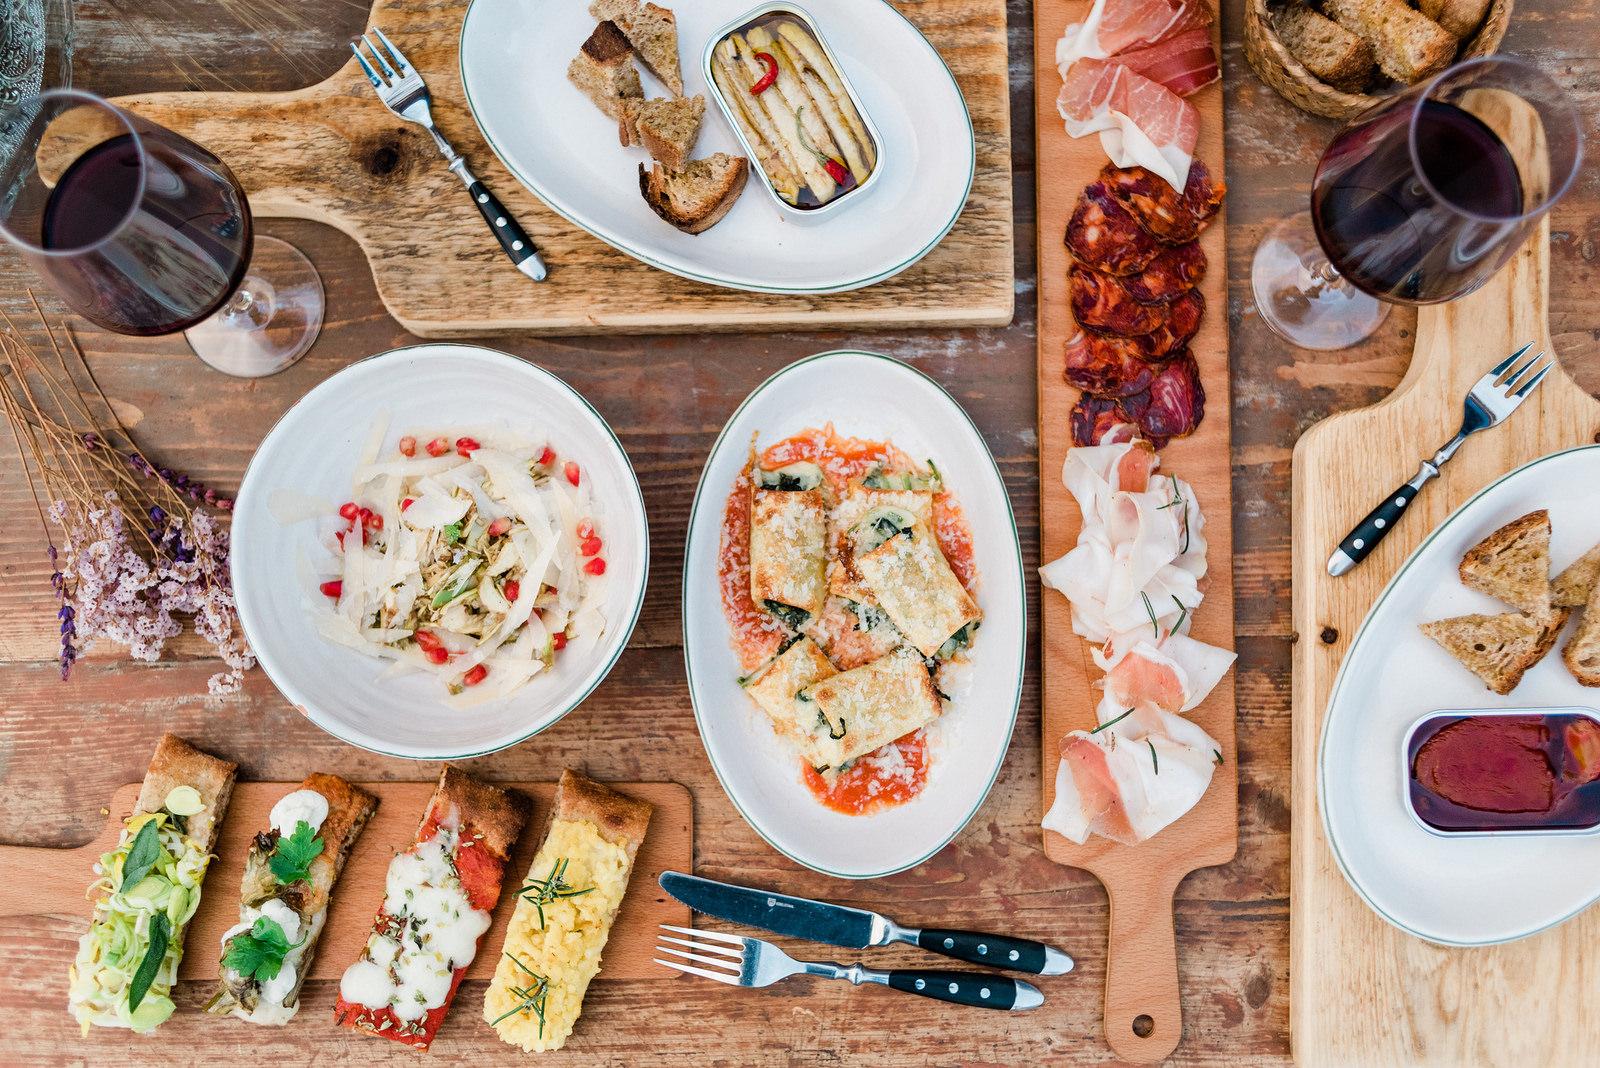 https://www.white-ibiza.com/wp-content/uploads/2020/03/white-ibiza-restaurants-bottega-il-buco-2020-01.jpg